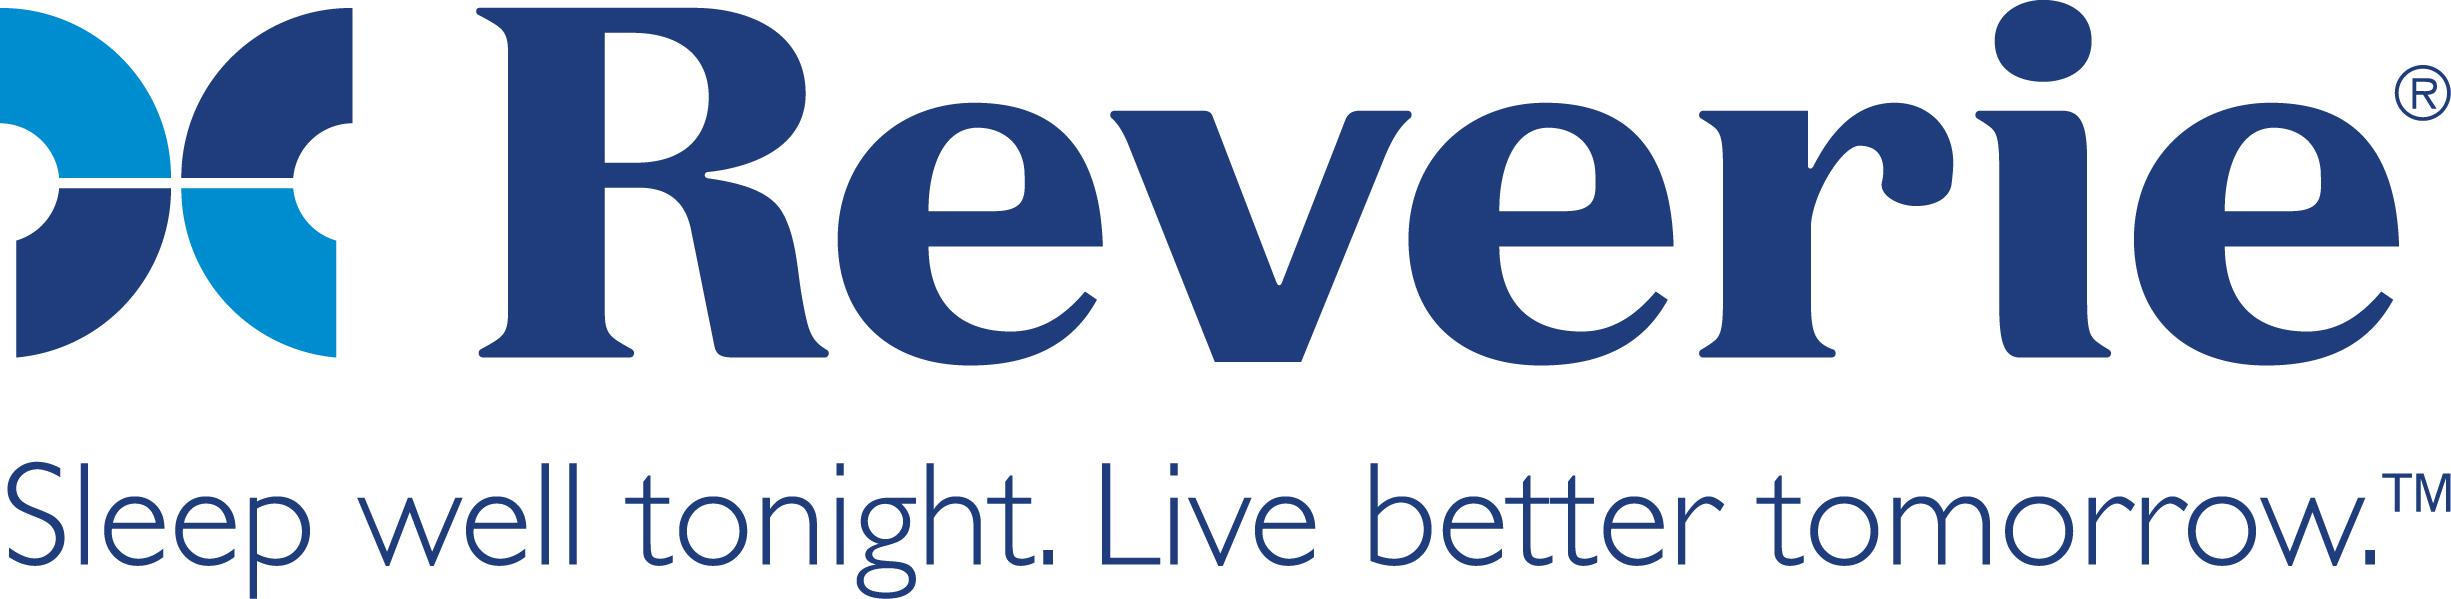 reverie-logo-full-color.jpg